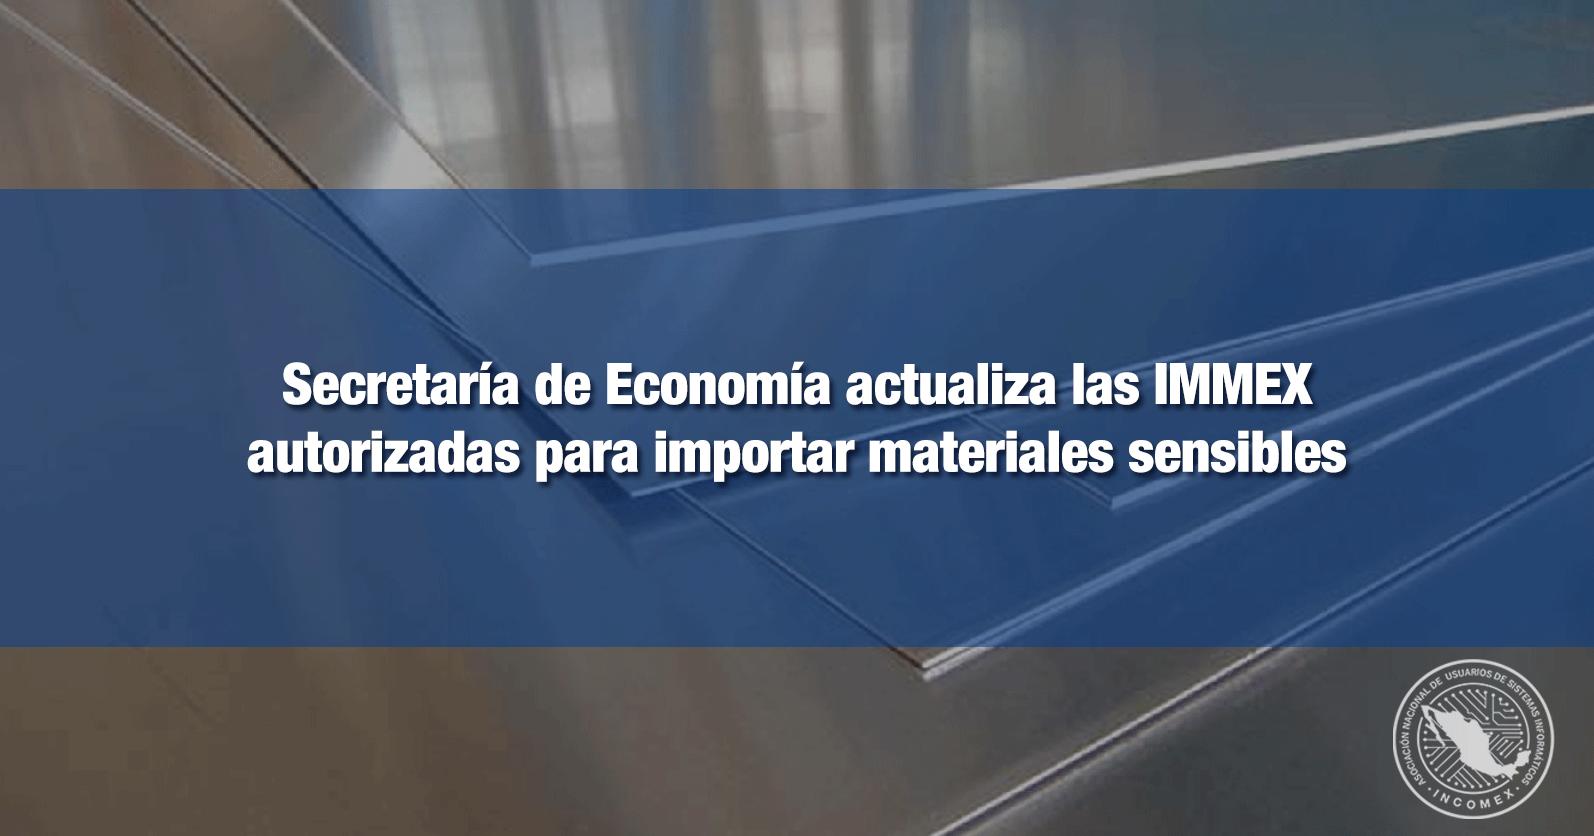 Secretaría de Economía actualiza las IMMEX autorizadas para importar materiales sensibles